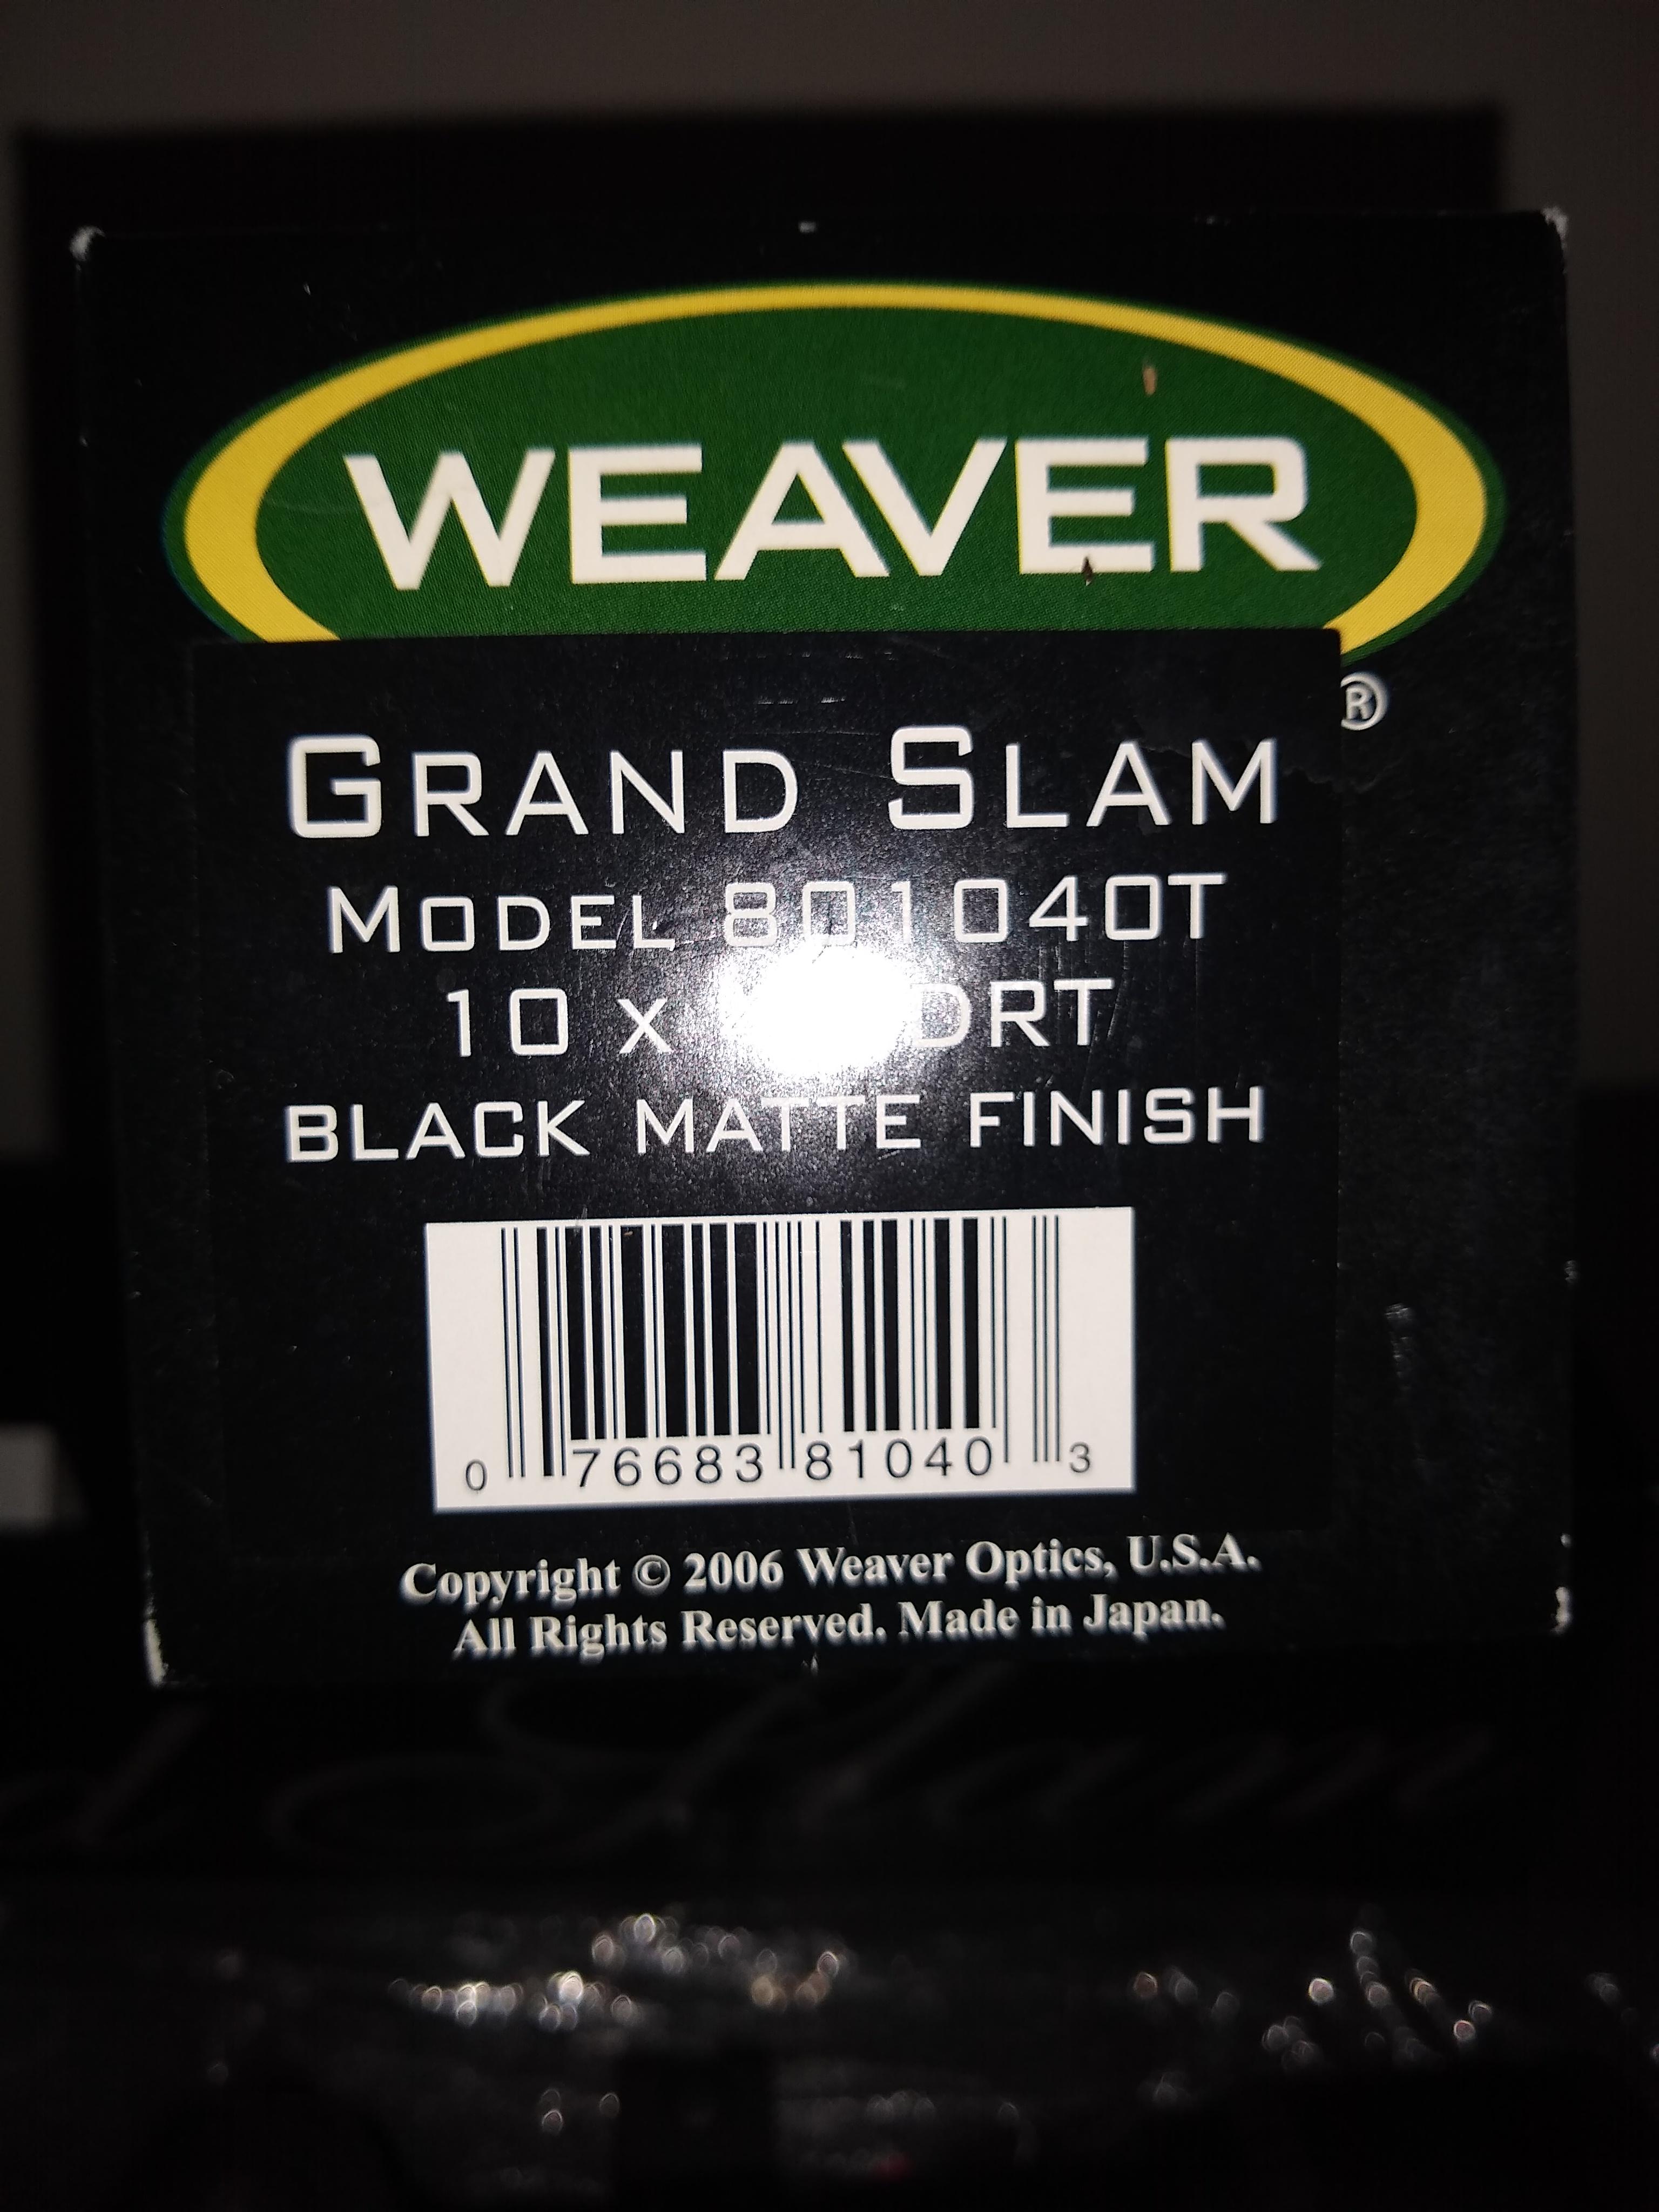 Weaver801040TPic4.jpg